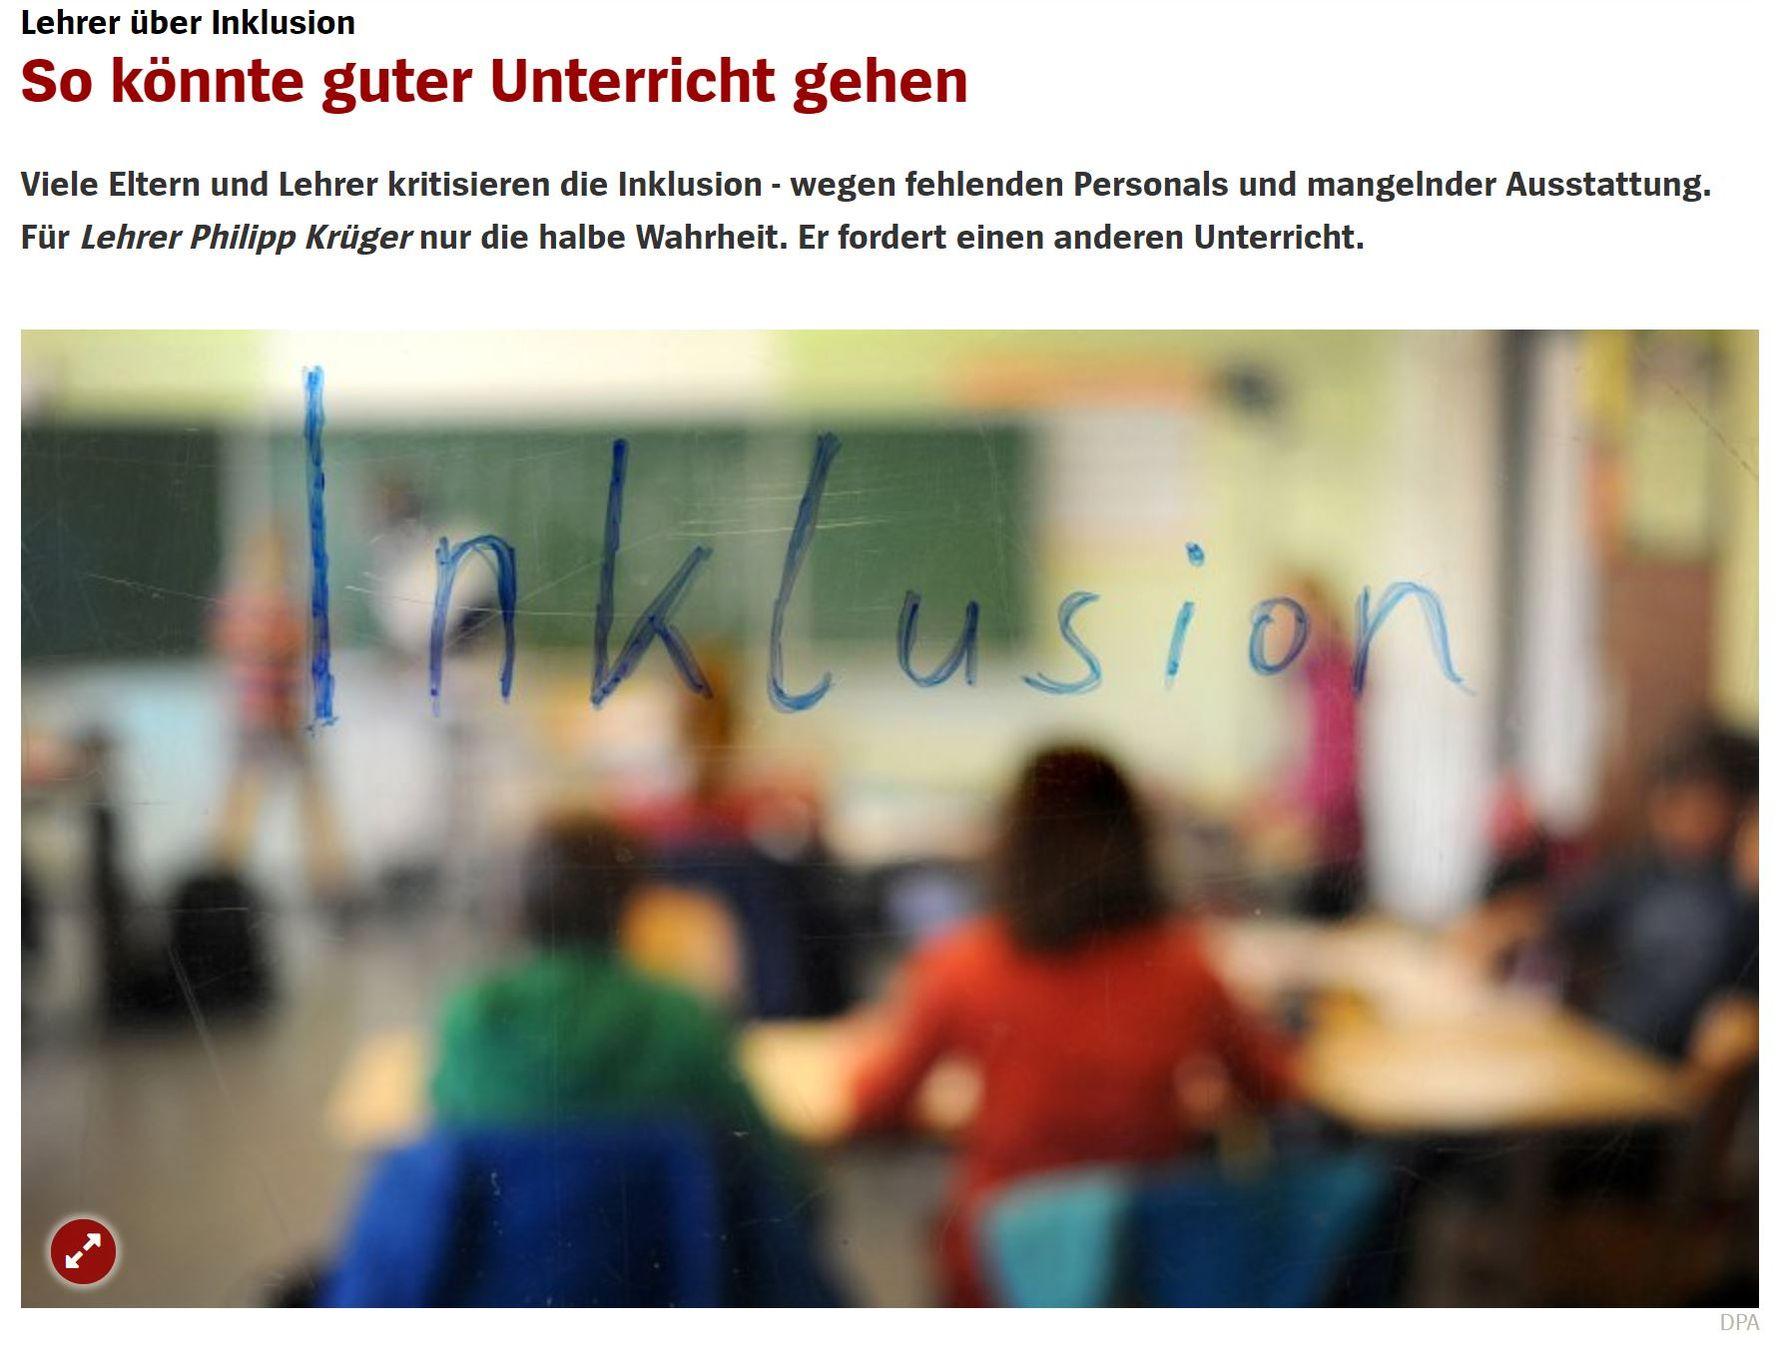 Ein Klassenzimmer mit Schüler*innen ist zu sehen. Die Kinder sind von hinten und nur verschwommen zu sehen, im Vordergrund steht das Wort Inklusion.